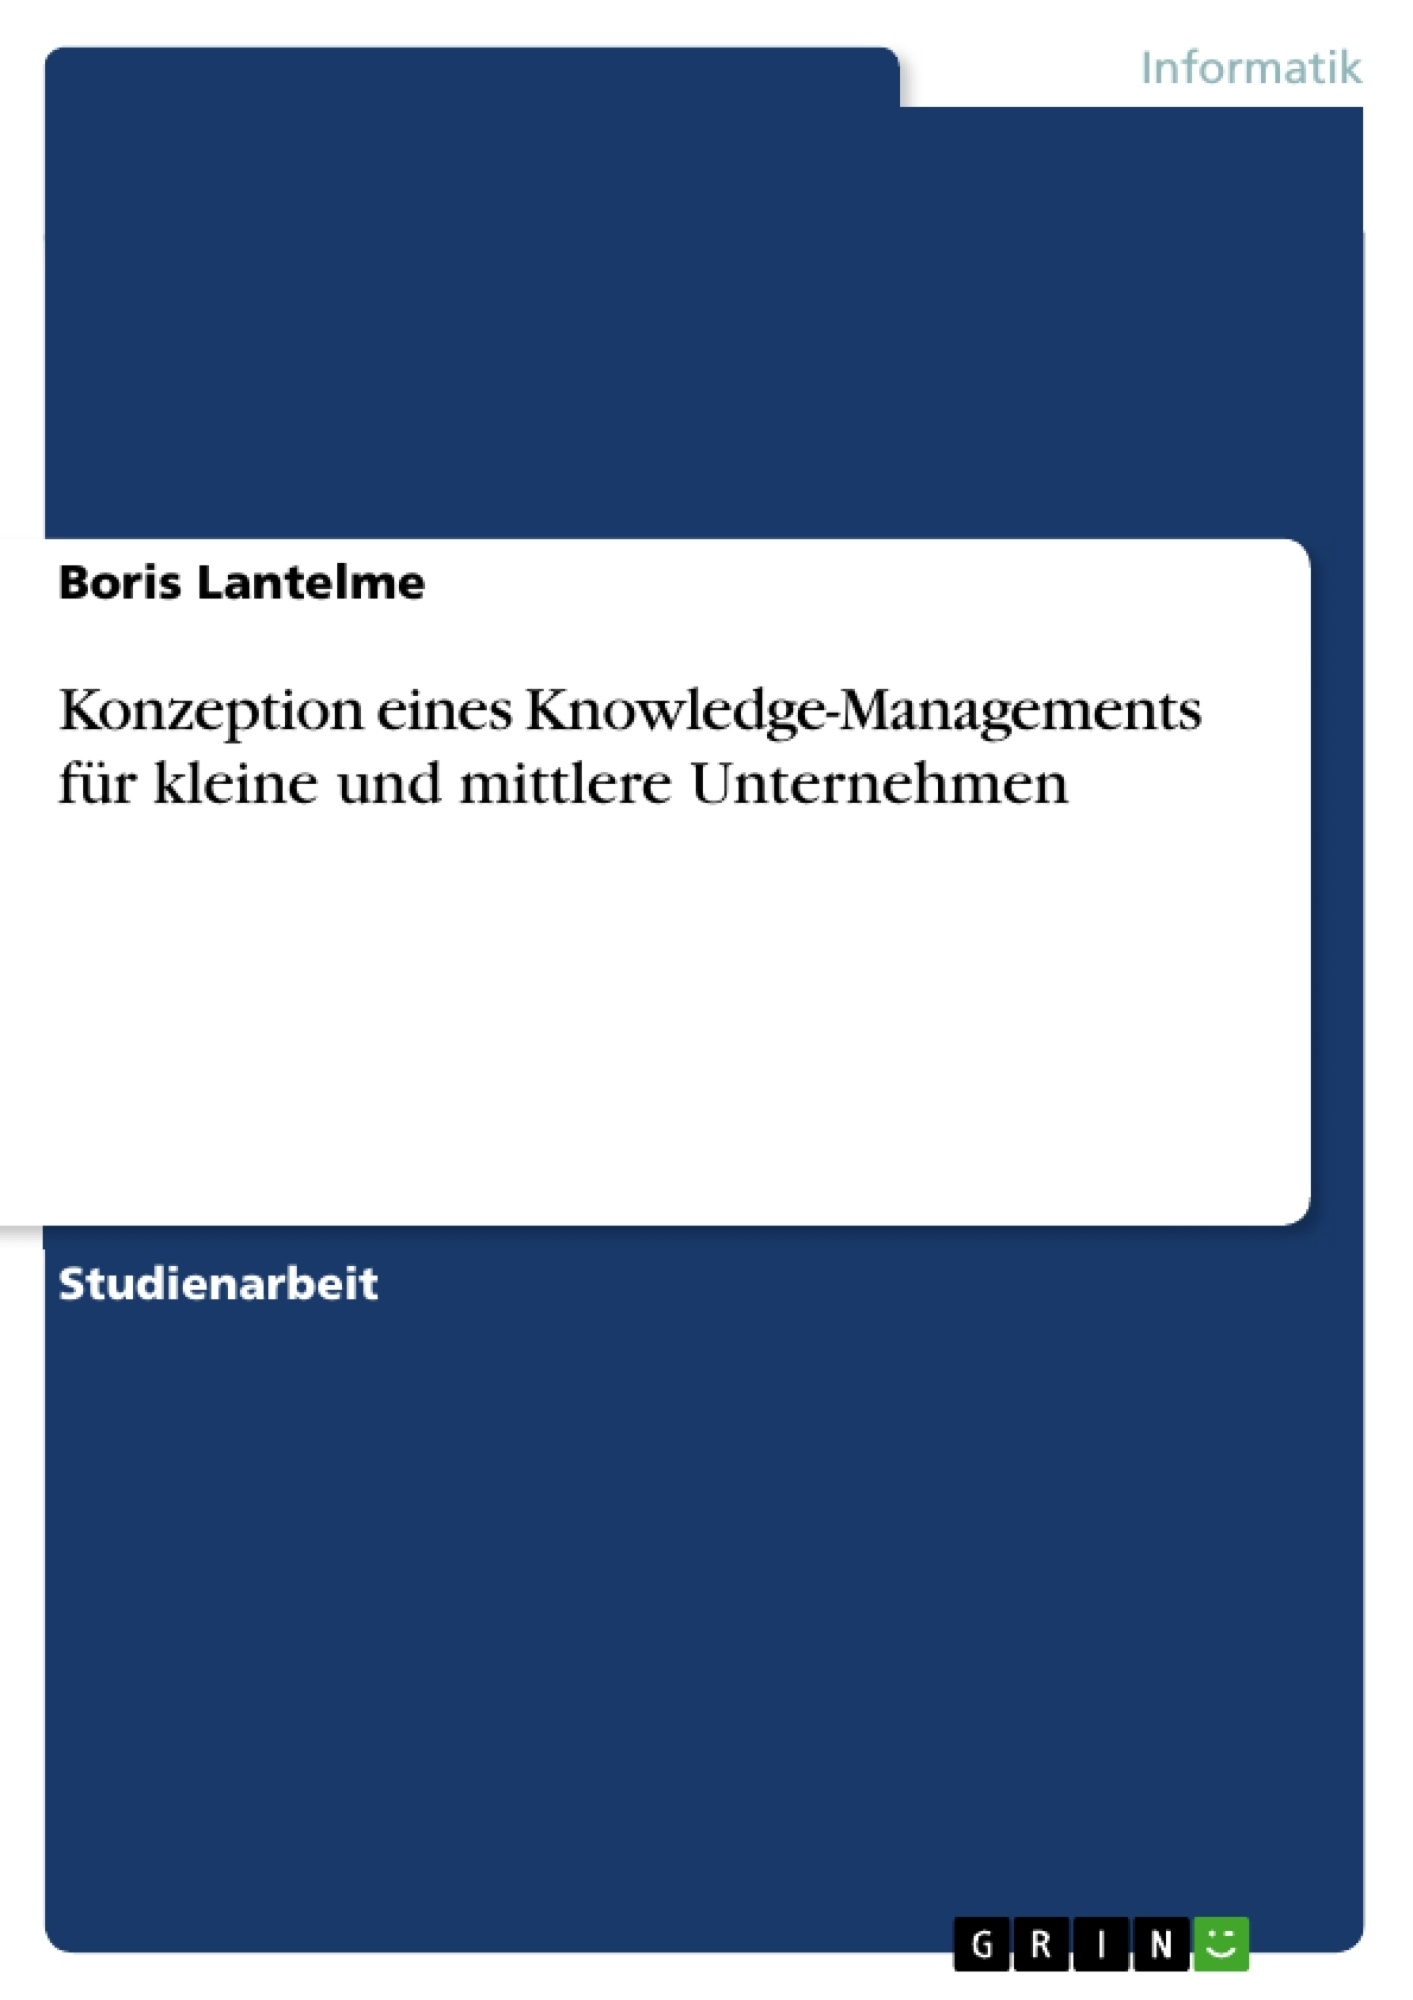 Titel: Konzeption eines Knowledge-Managements für kleine und mittlere Unternehmen